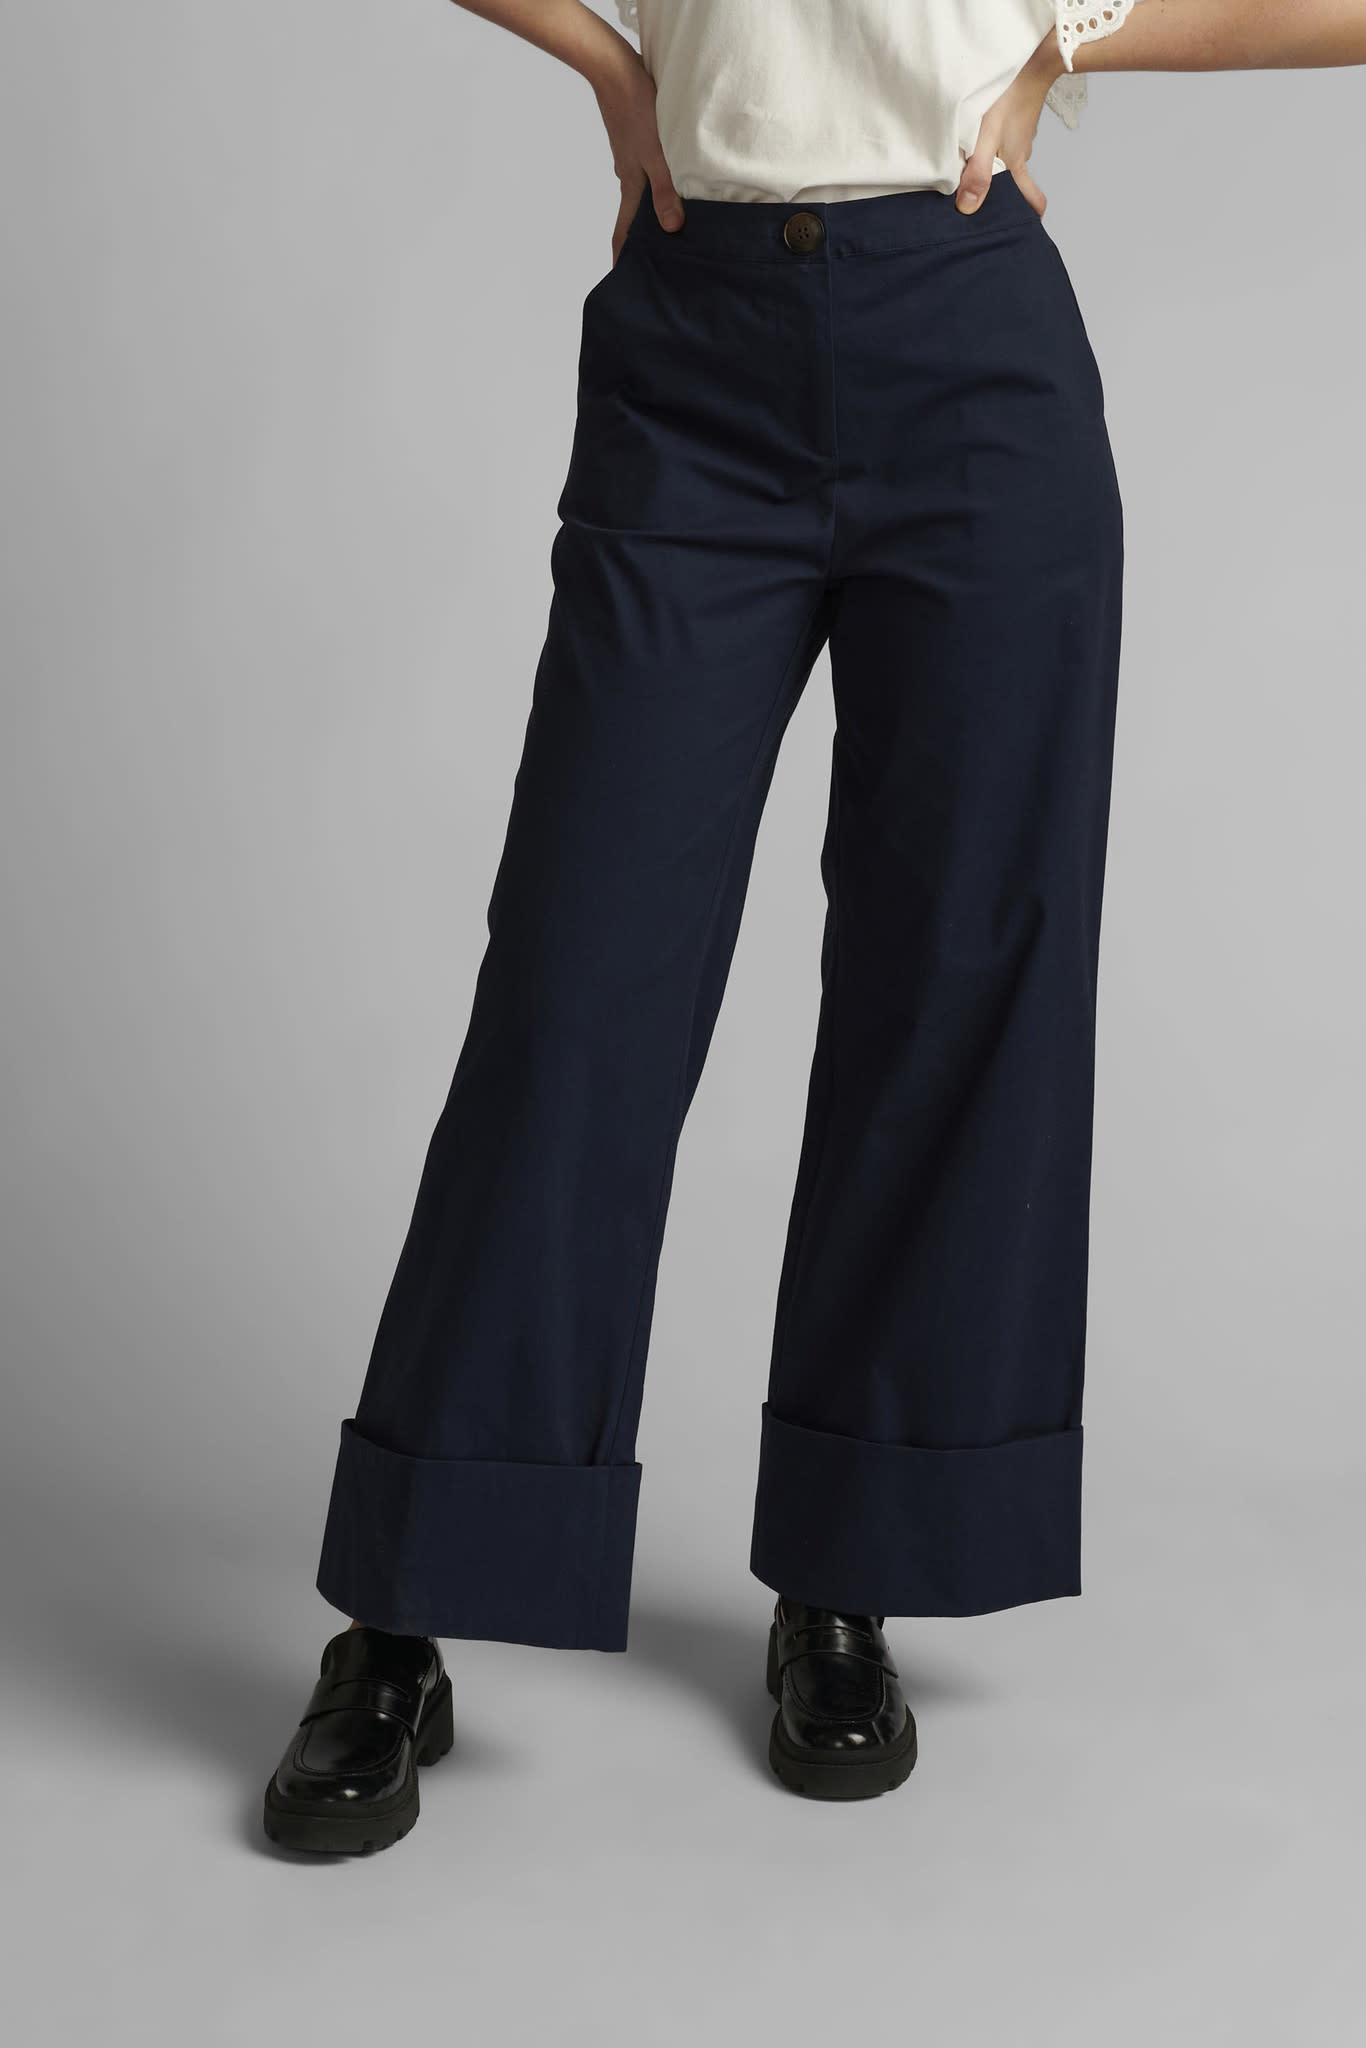 Nümph Boxy Pants